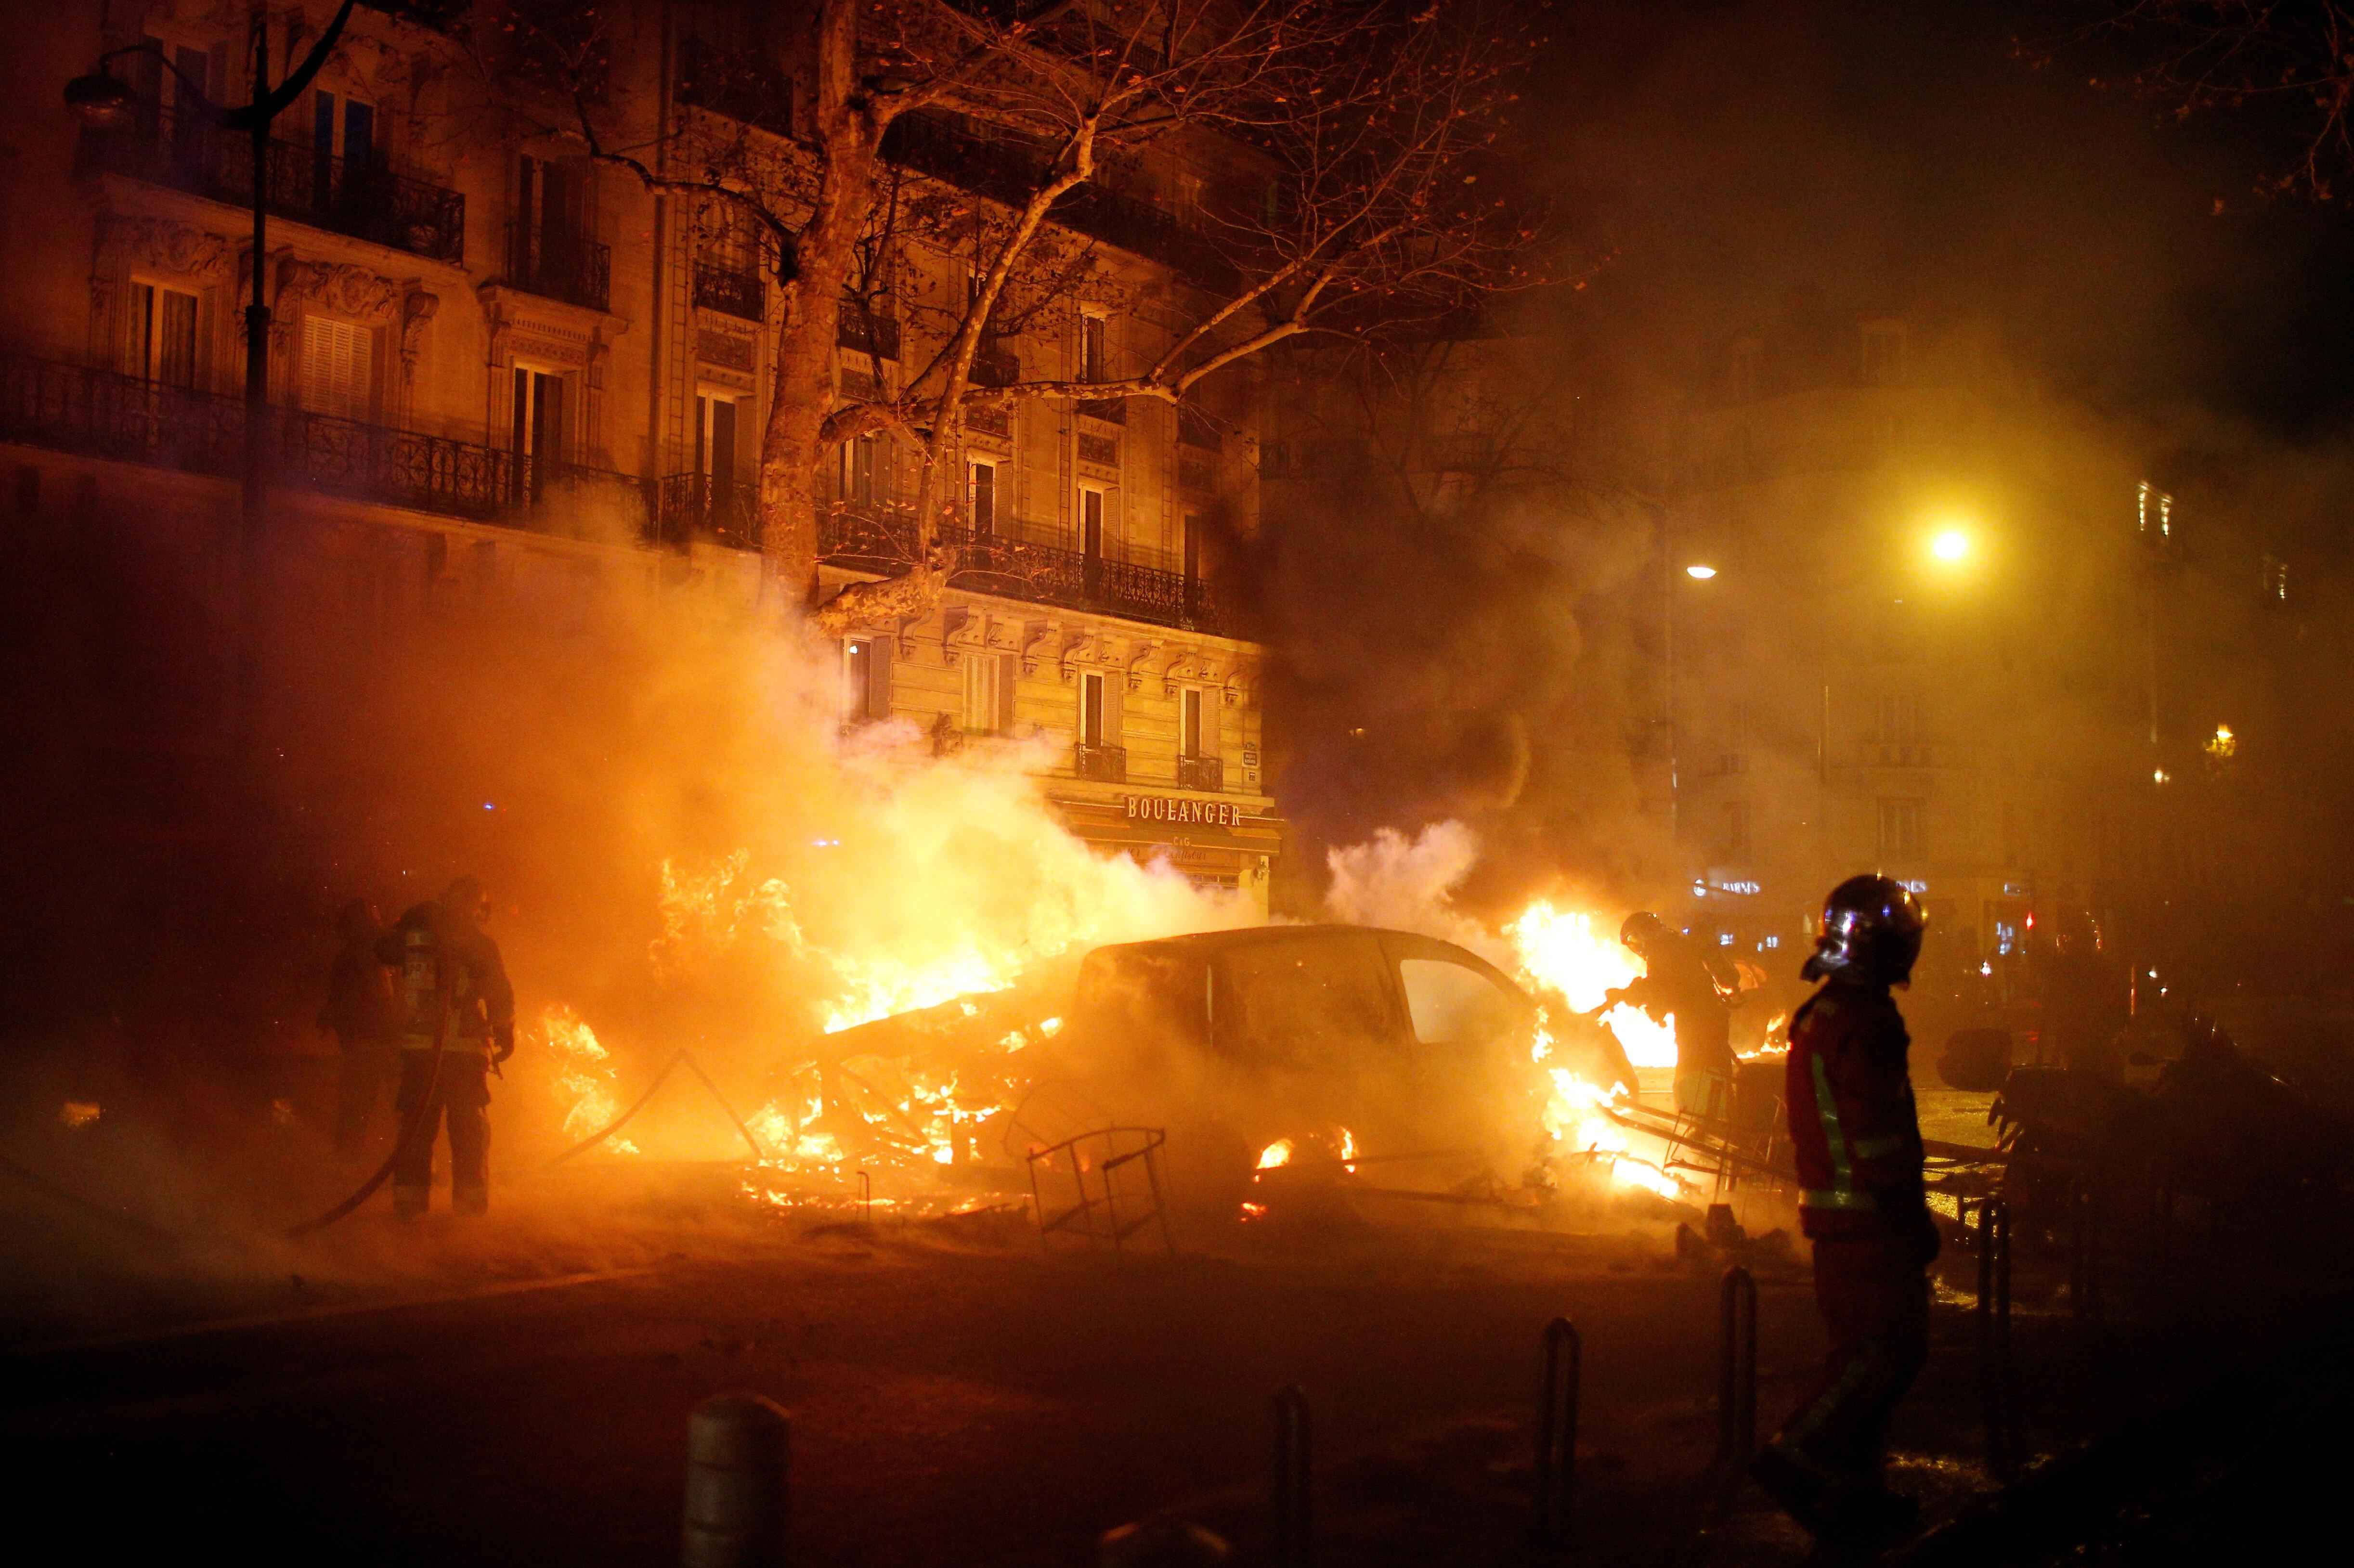 Cumhurbaşkanı Macron, gösterilerine müdahale edileceğini açıklamıştı.